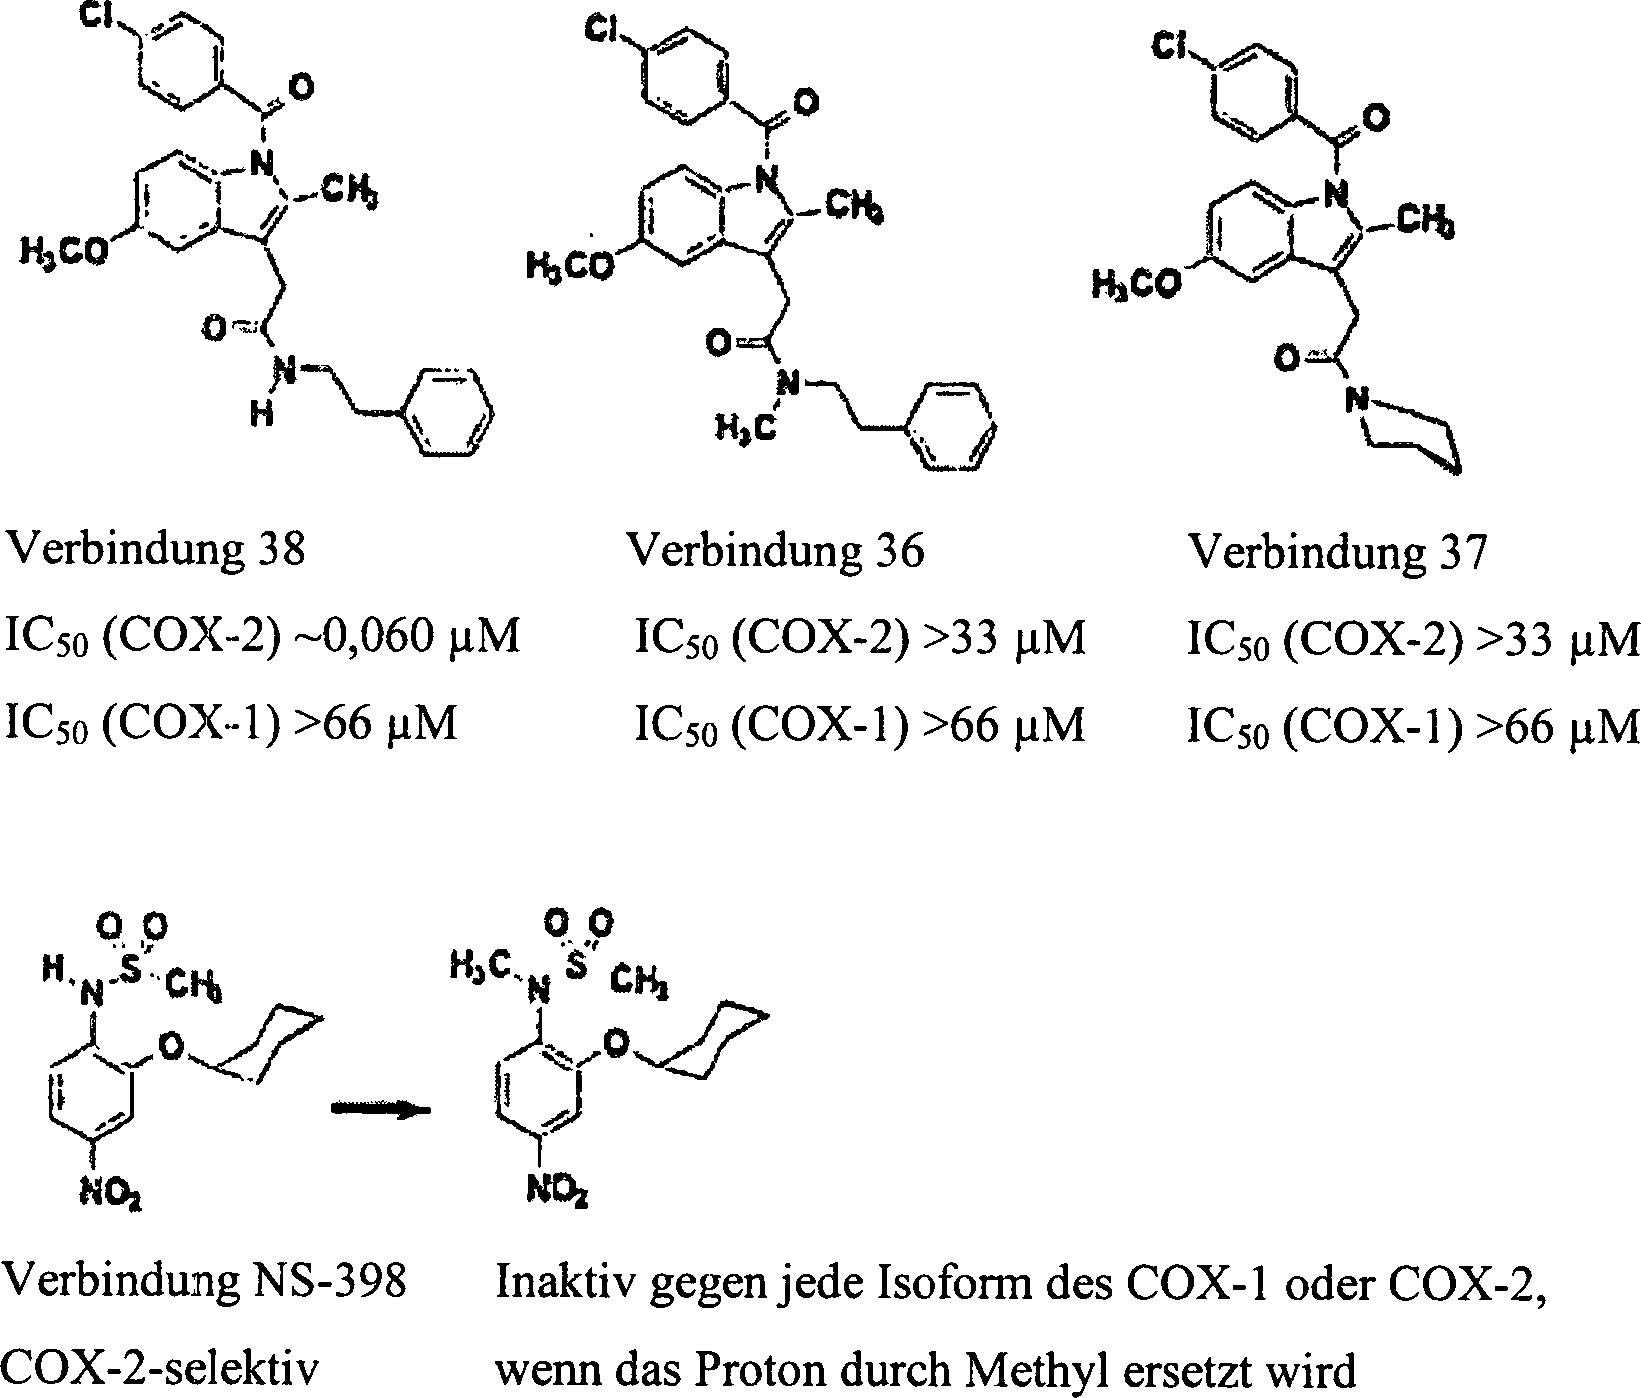 DE10254785A1 - Kombination ausgewählter Analgetika mit COX II-Inhibitoren - Google Patents